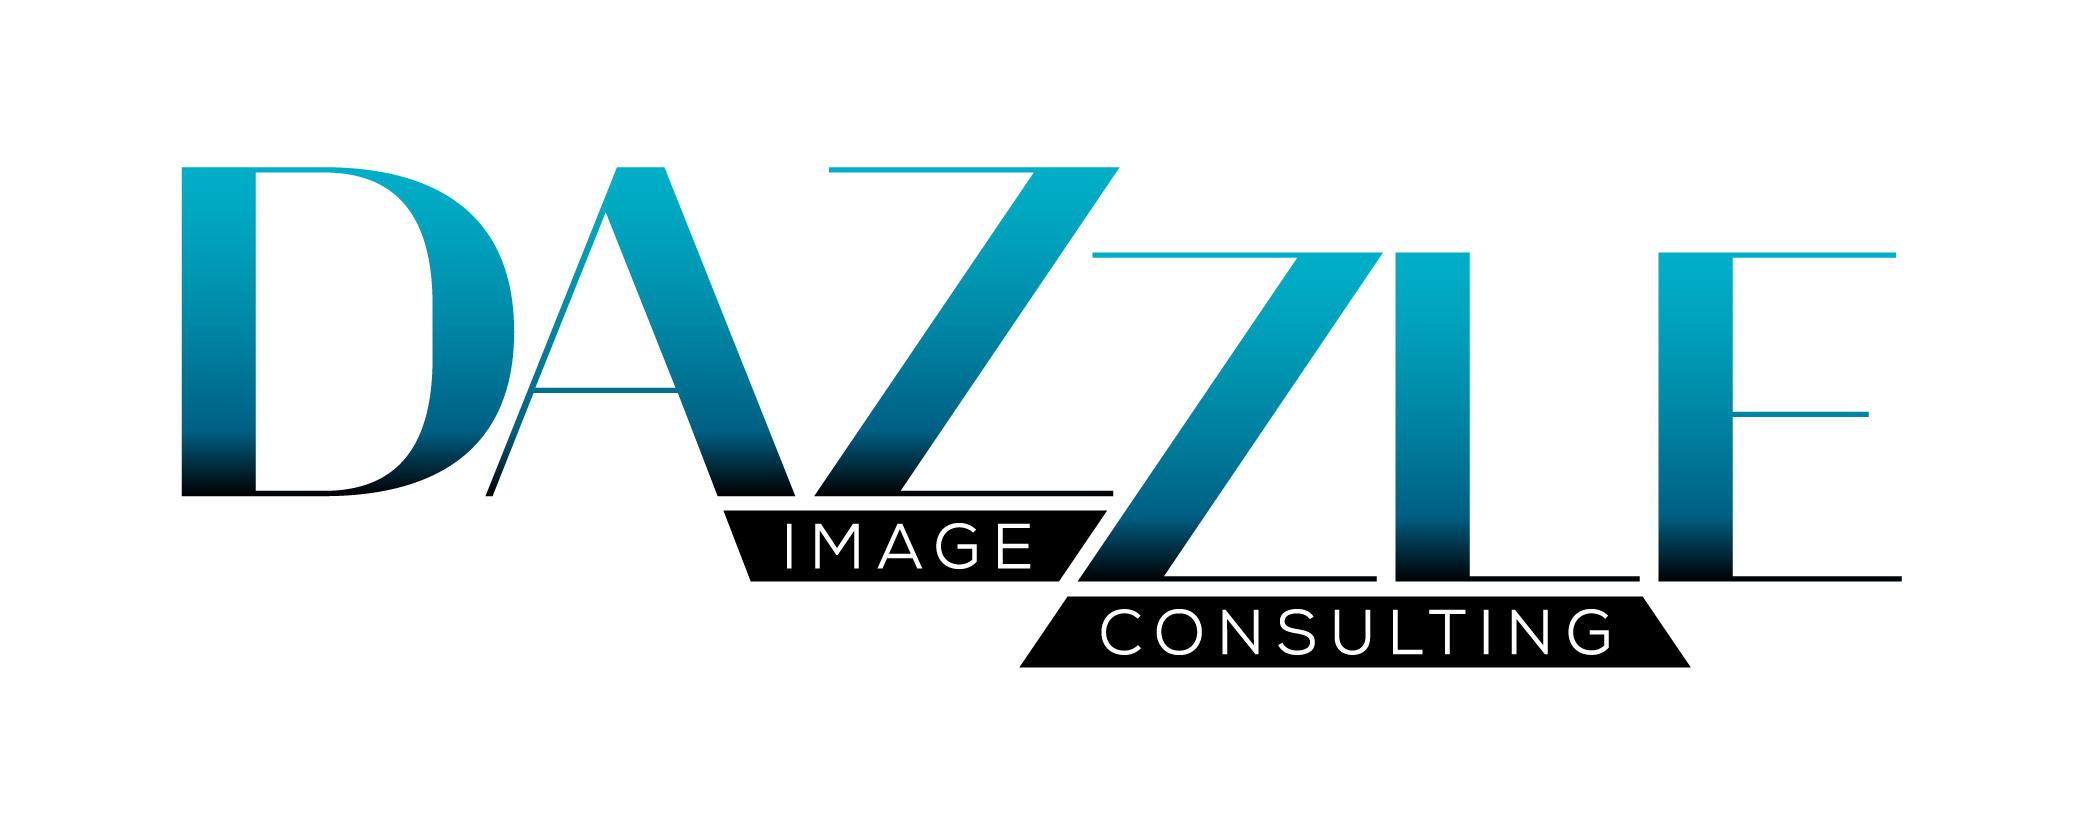 Dazzle Image Consulting